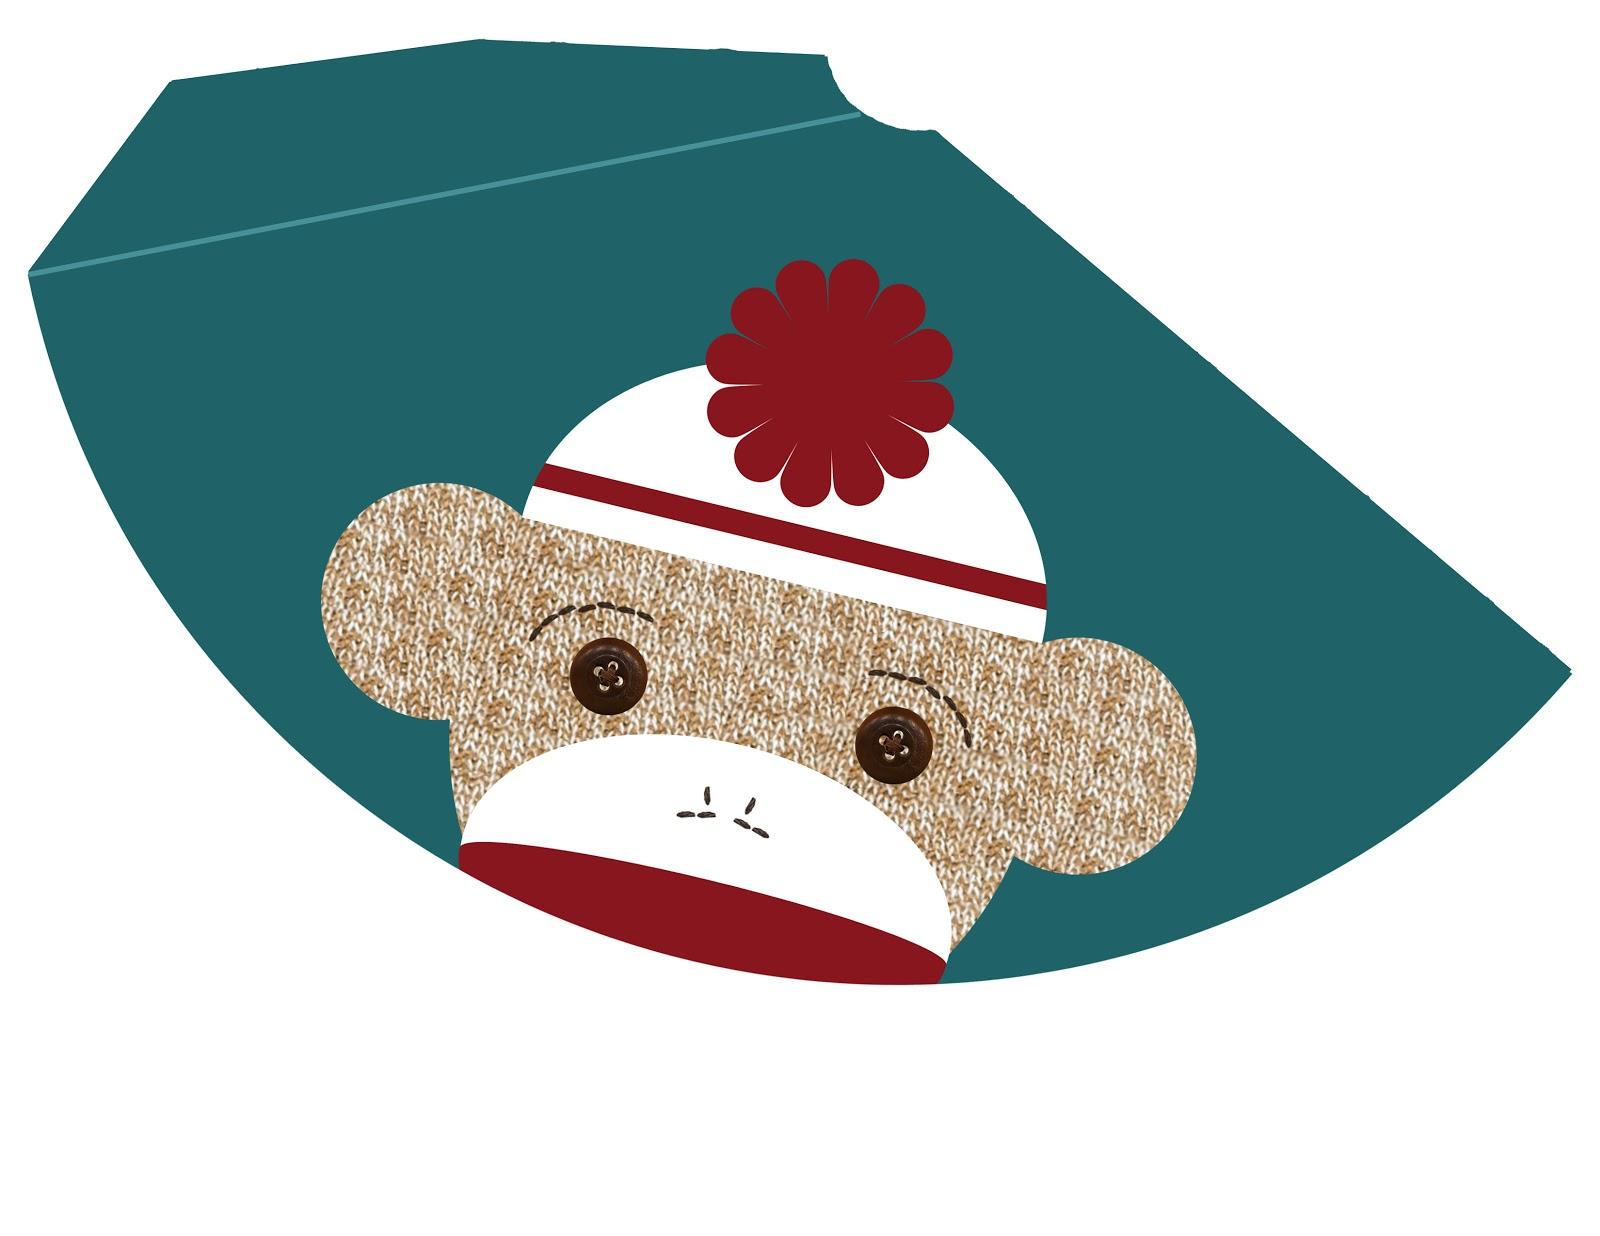 Free Birthday Printables Boy ~ My messy manger: free sock monkey birthday printables: hat